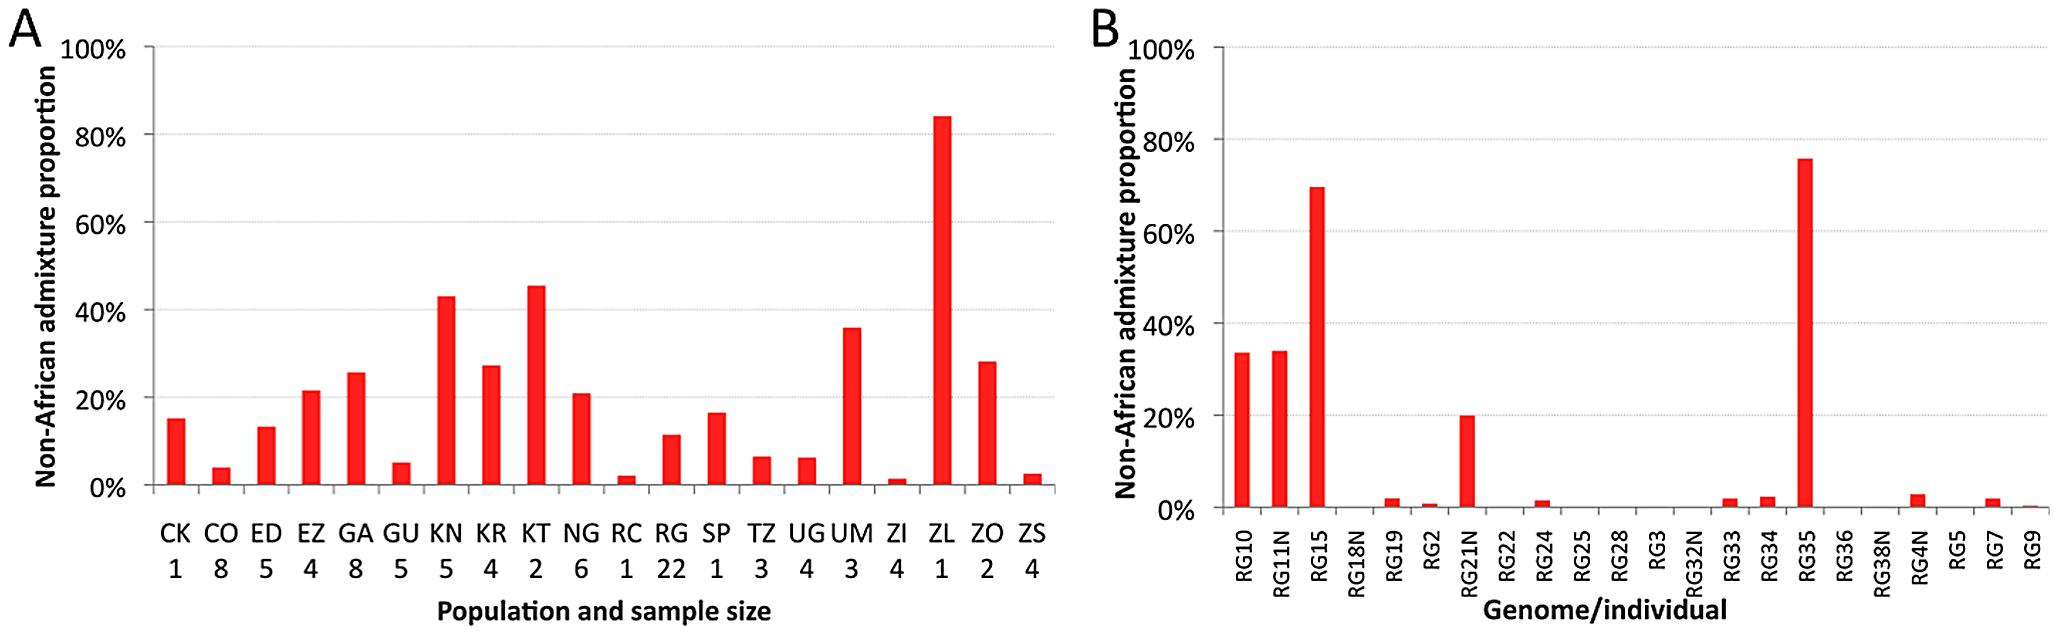 Heterogeneity in estimated cosmopolitan admixture proportions.